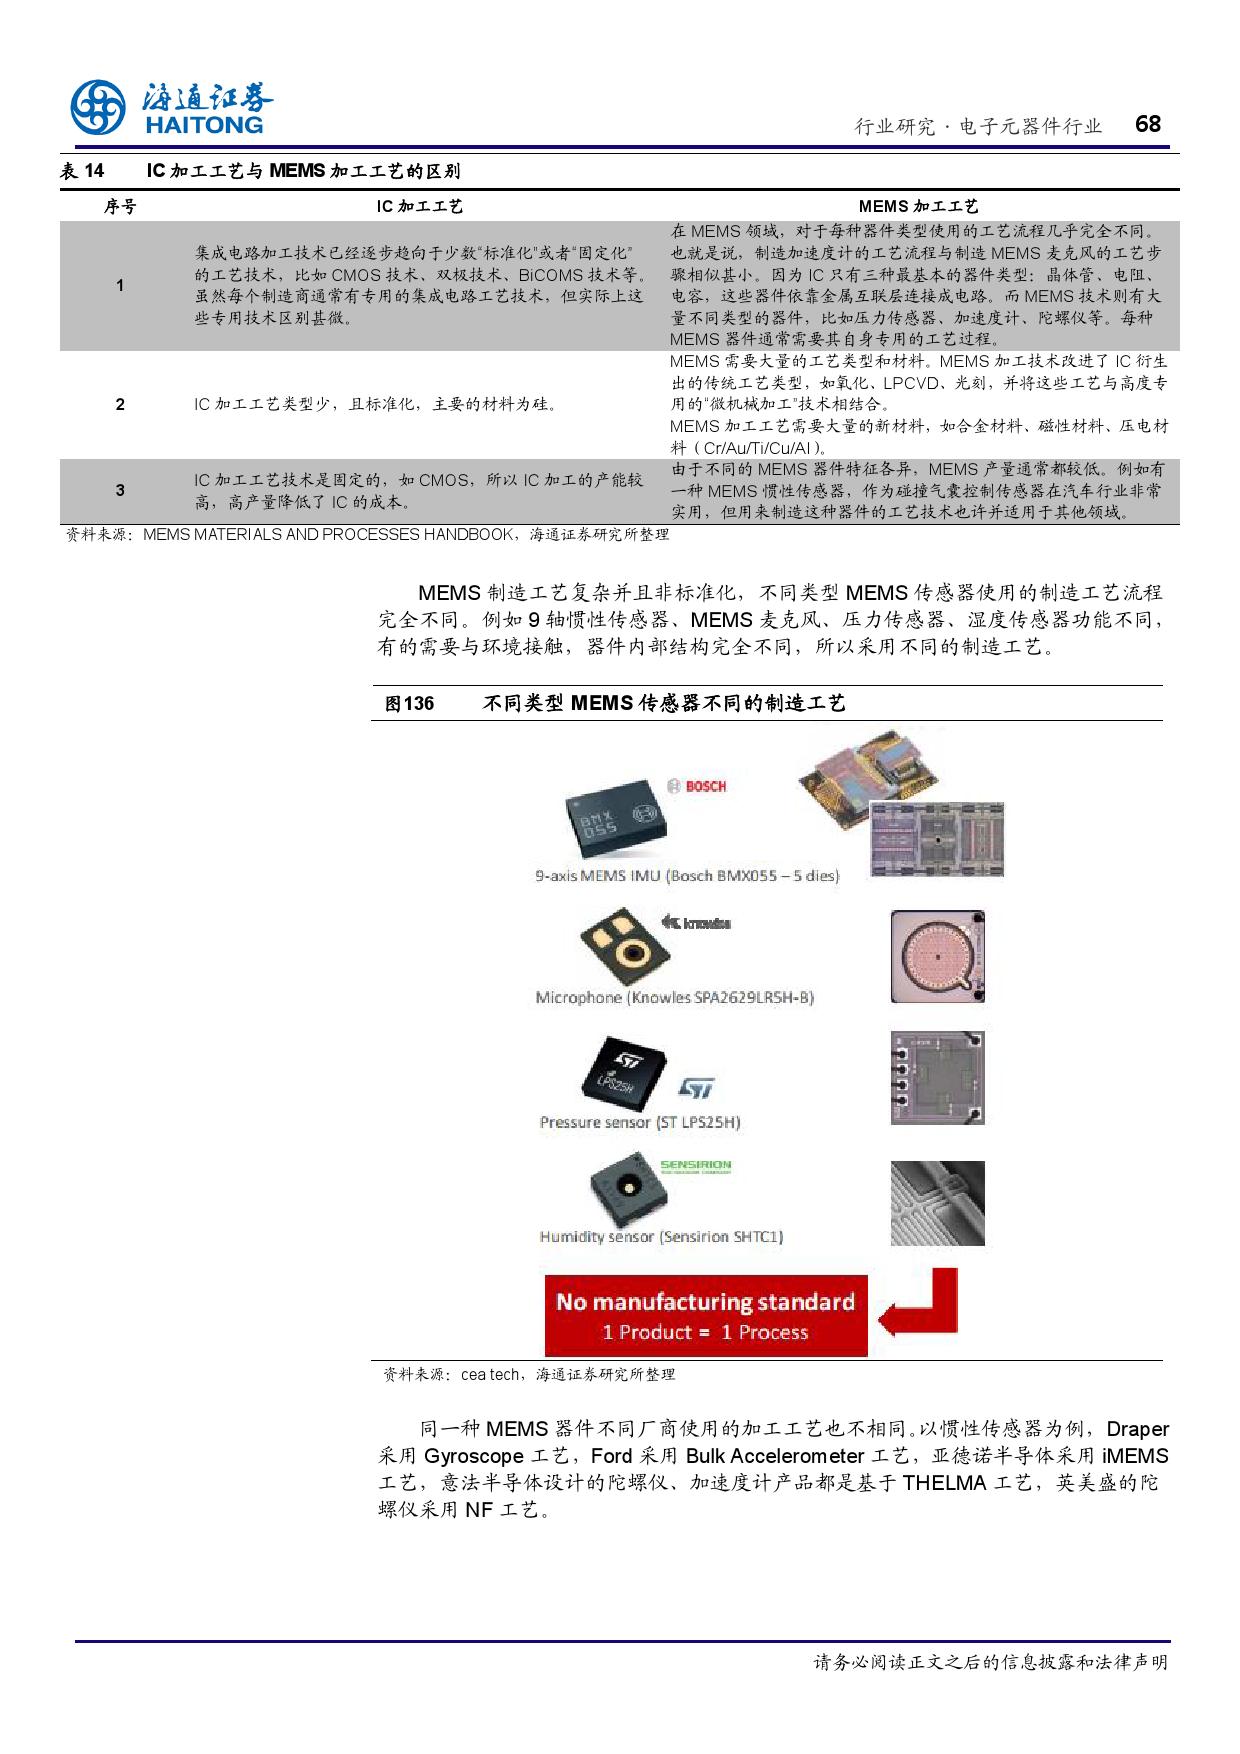 报告全解传感器全球产业链_000068